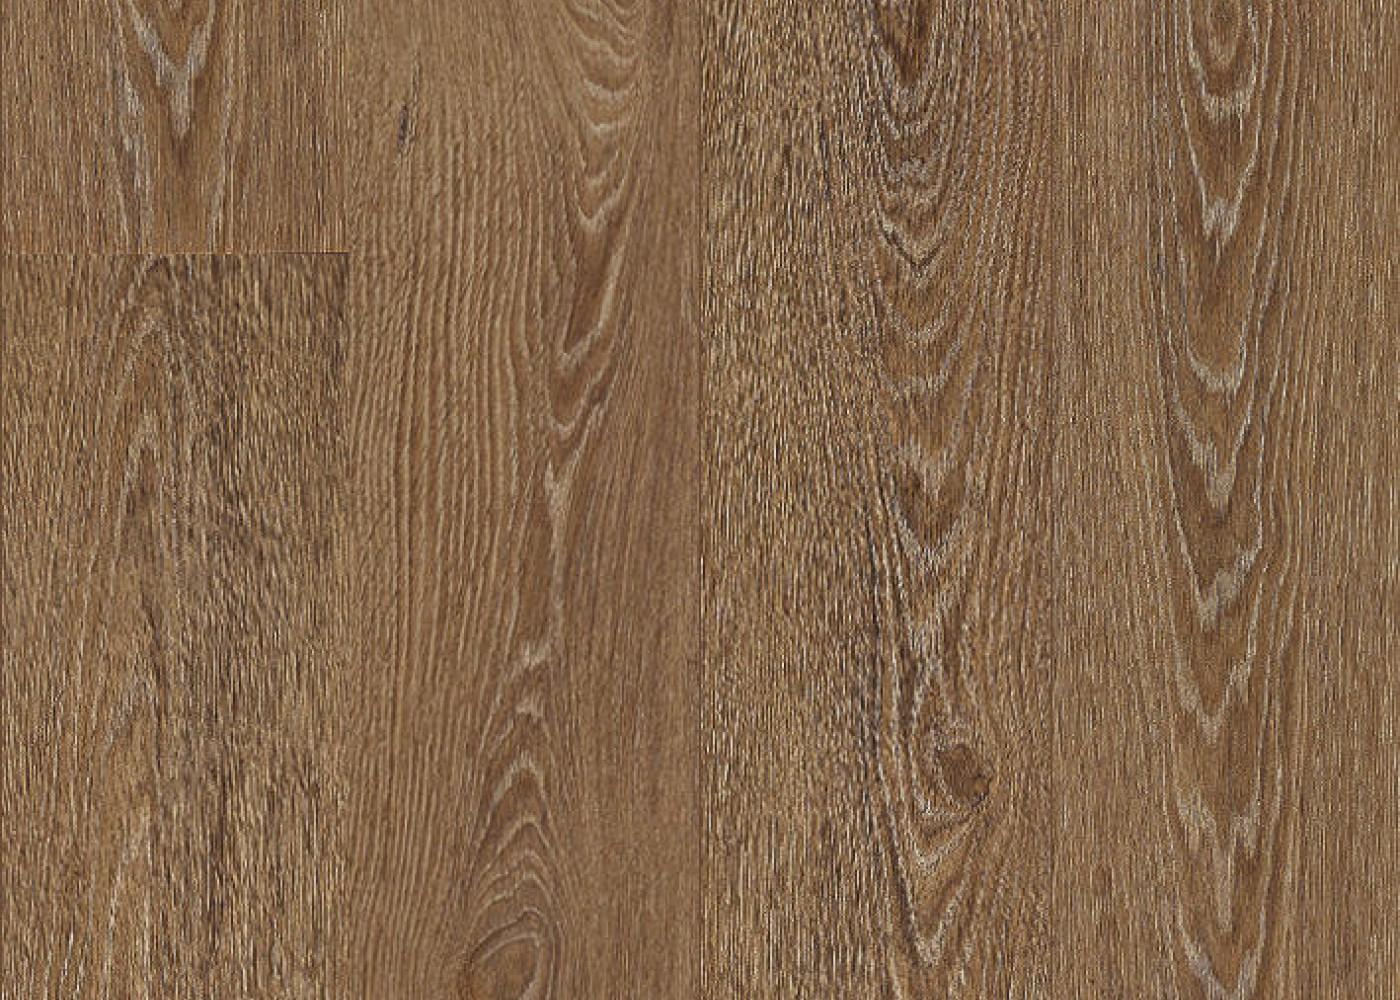 Vinyle rigide Chêne Brunette passage commercial 4.5x225x1524